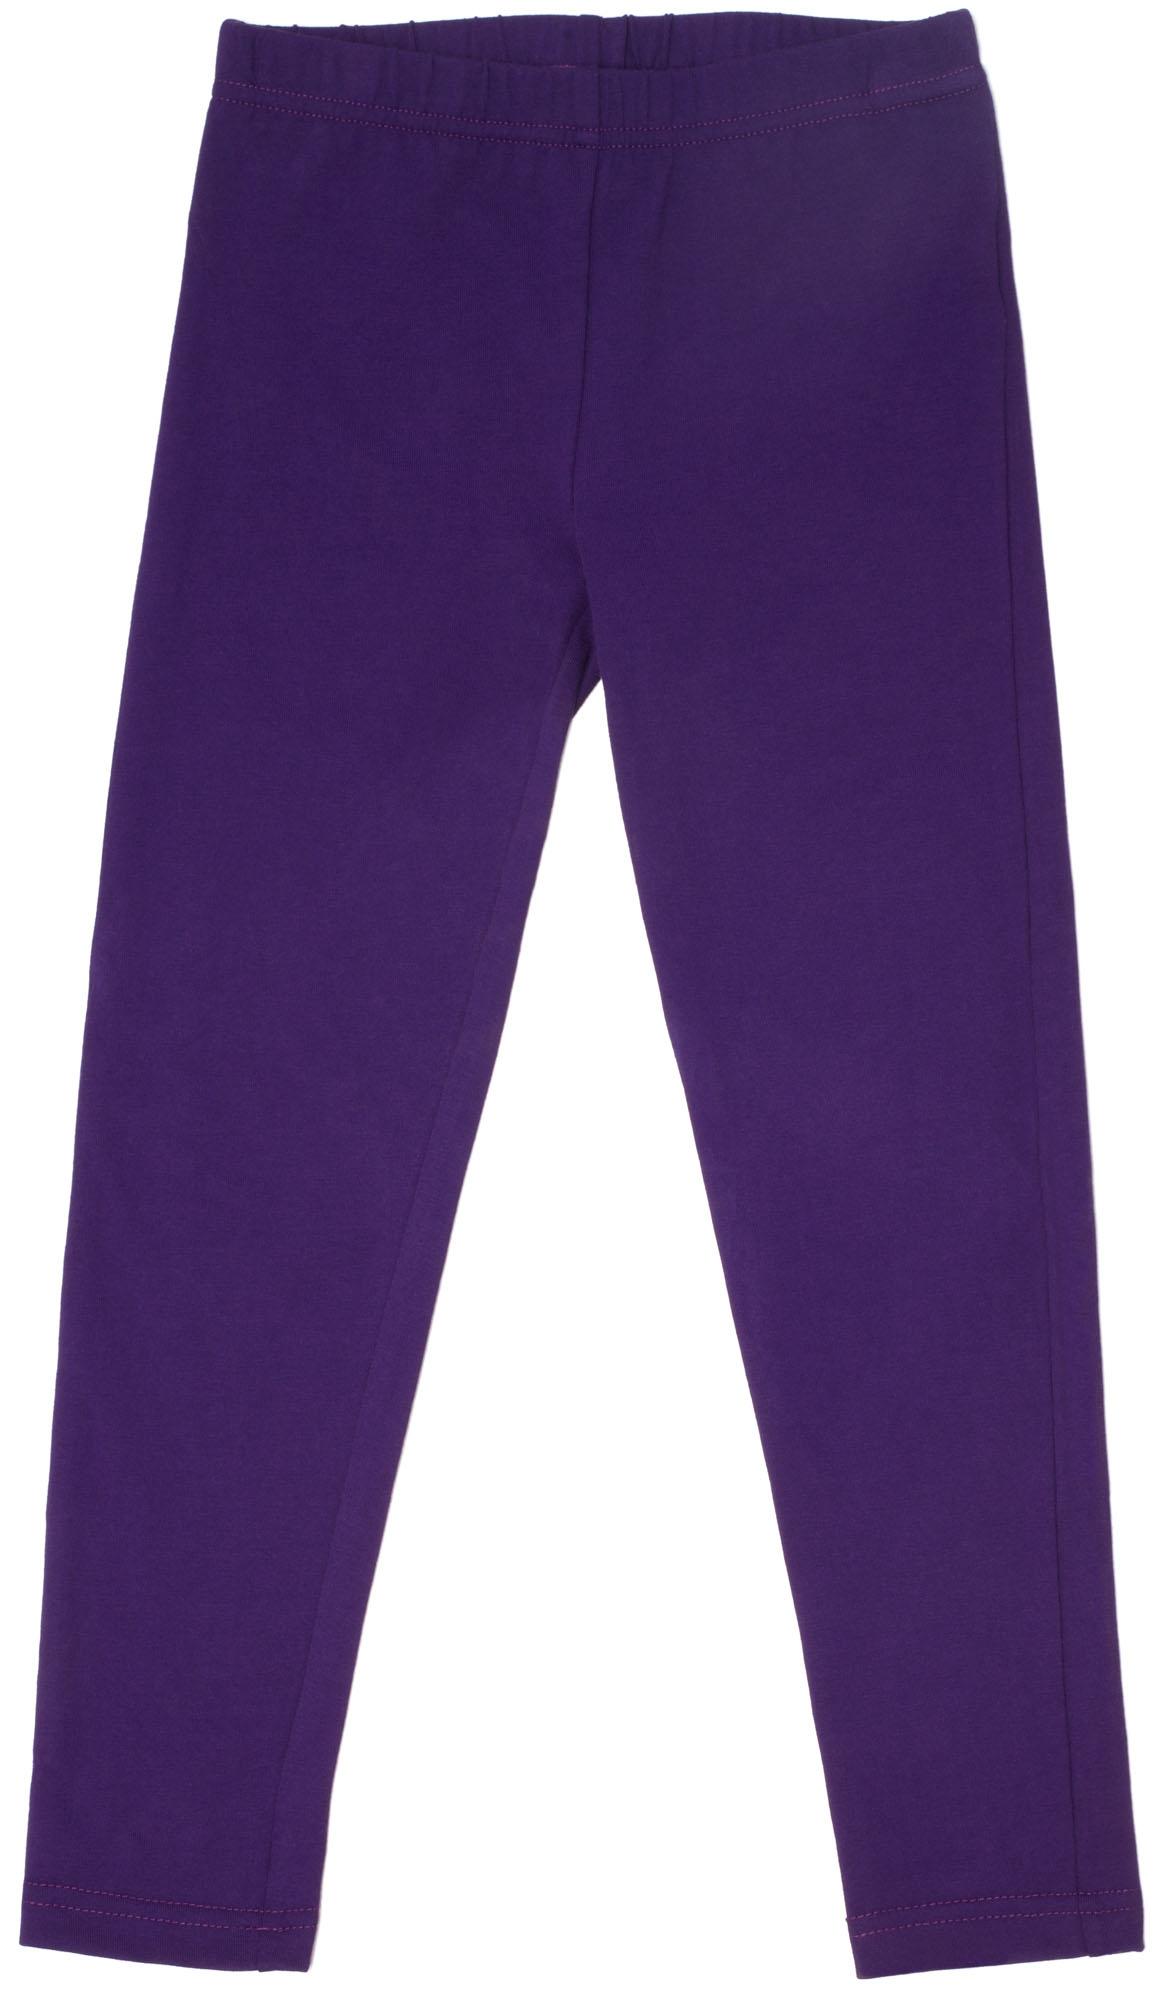 Купить Легинсы, Леггинсы для девочки Спорт Barkito фиолетовый, Узбекистан, в горошек, Женский